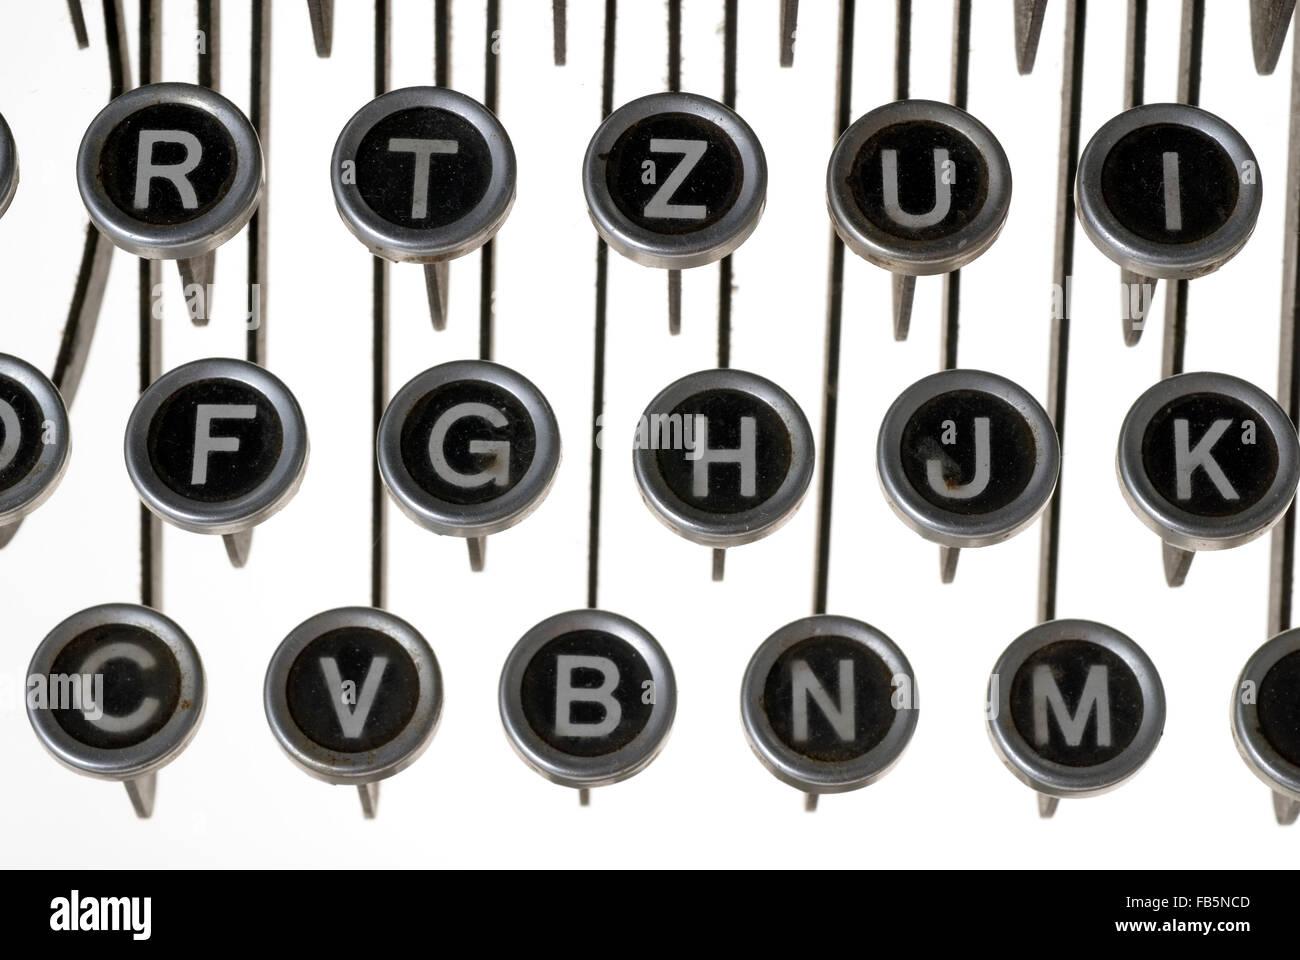 Keys of an old typewriter - Stock Image